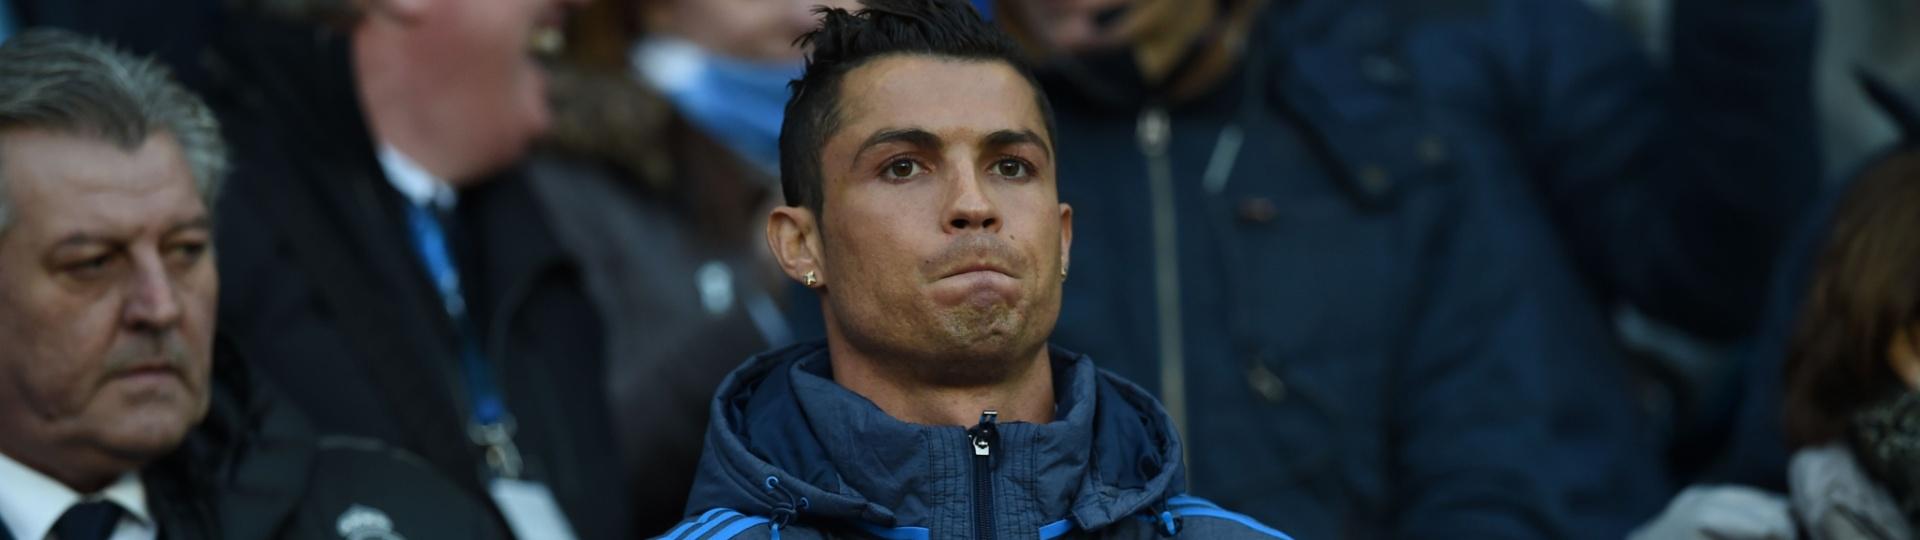 Cristiano Ronaldo acompanha a partida entre Manchester City e Real Madrid da arquibancada do Etihad Stadium